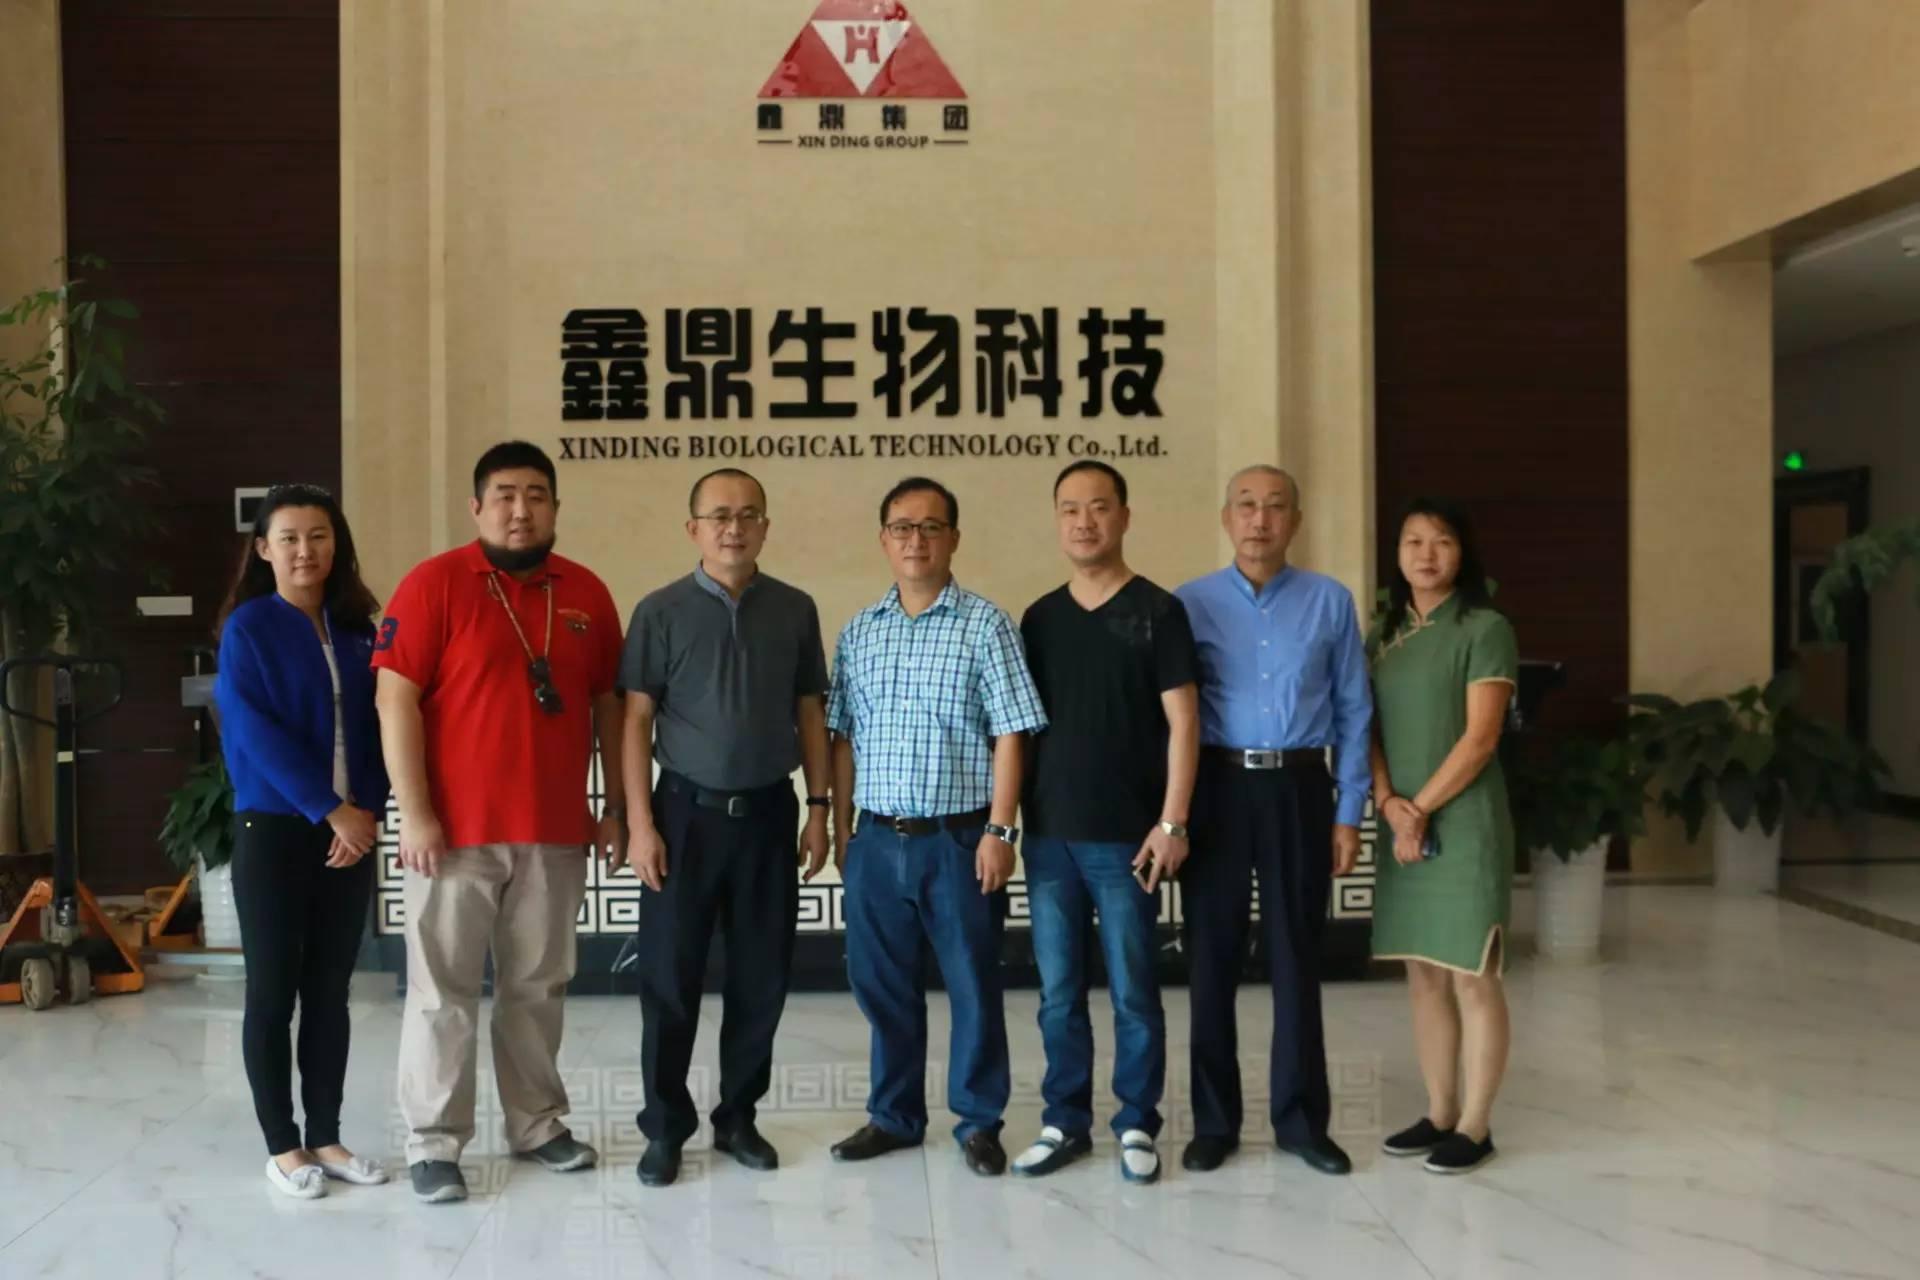 《万里茶道全图》专家研讨会嘉宾实地考察长盛川